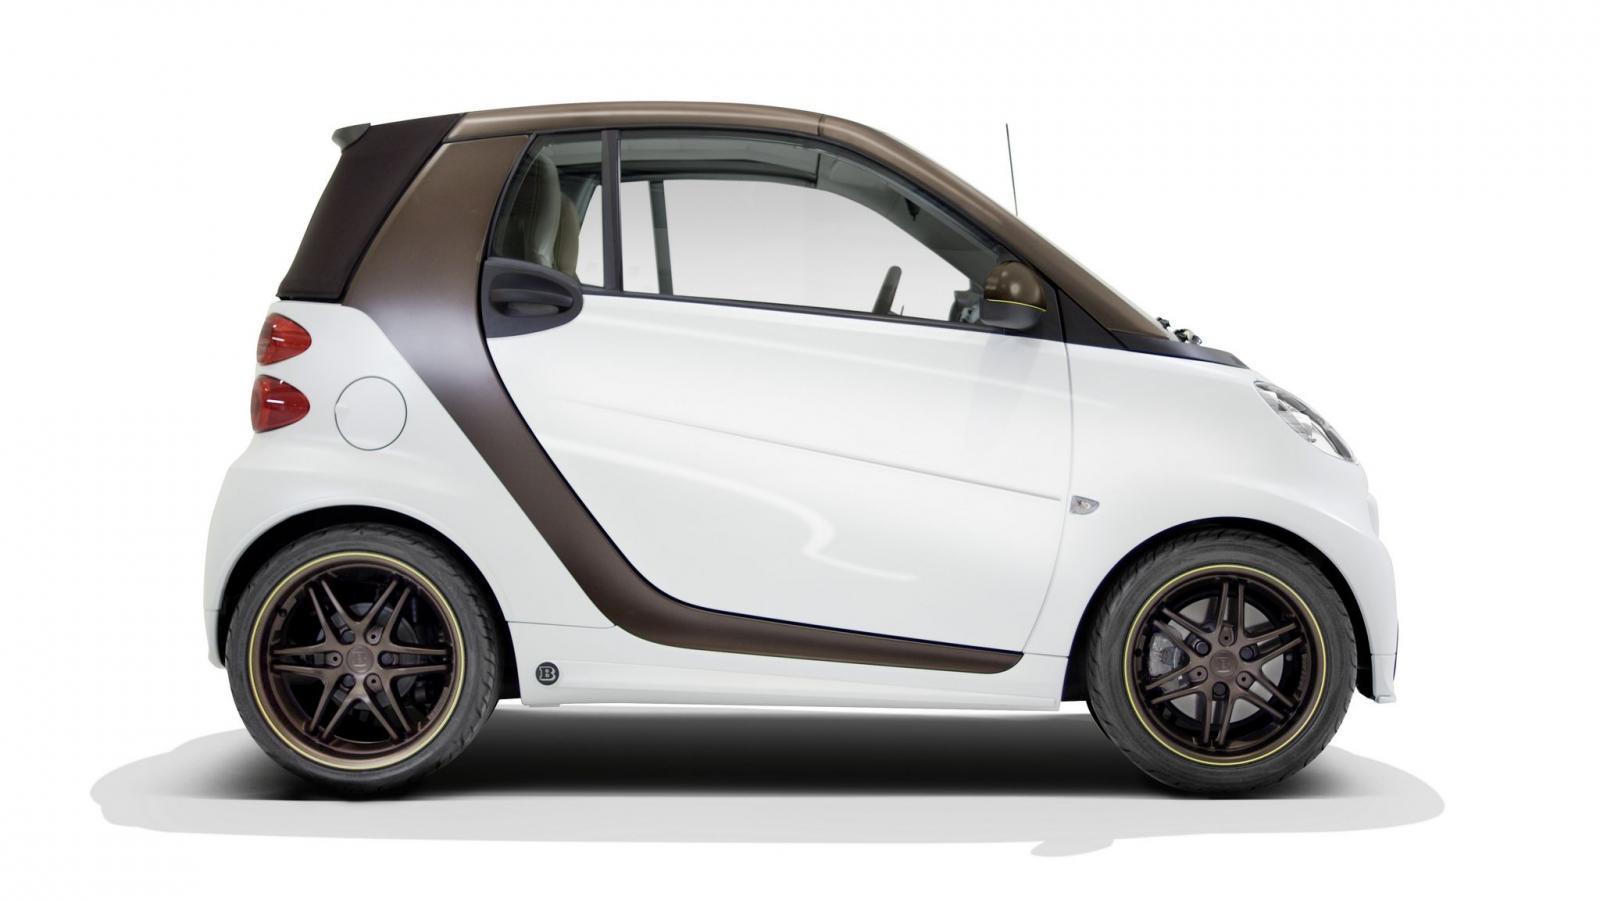 Garage r paration smart marseille ecosiom voiture neuve et d 39 occasion de luxe marseille - Voiture occasion marseille garage ...